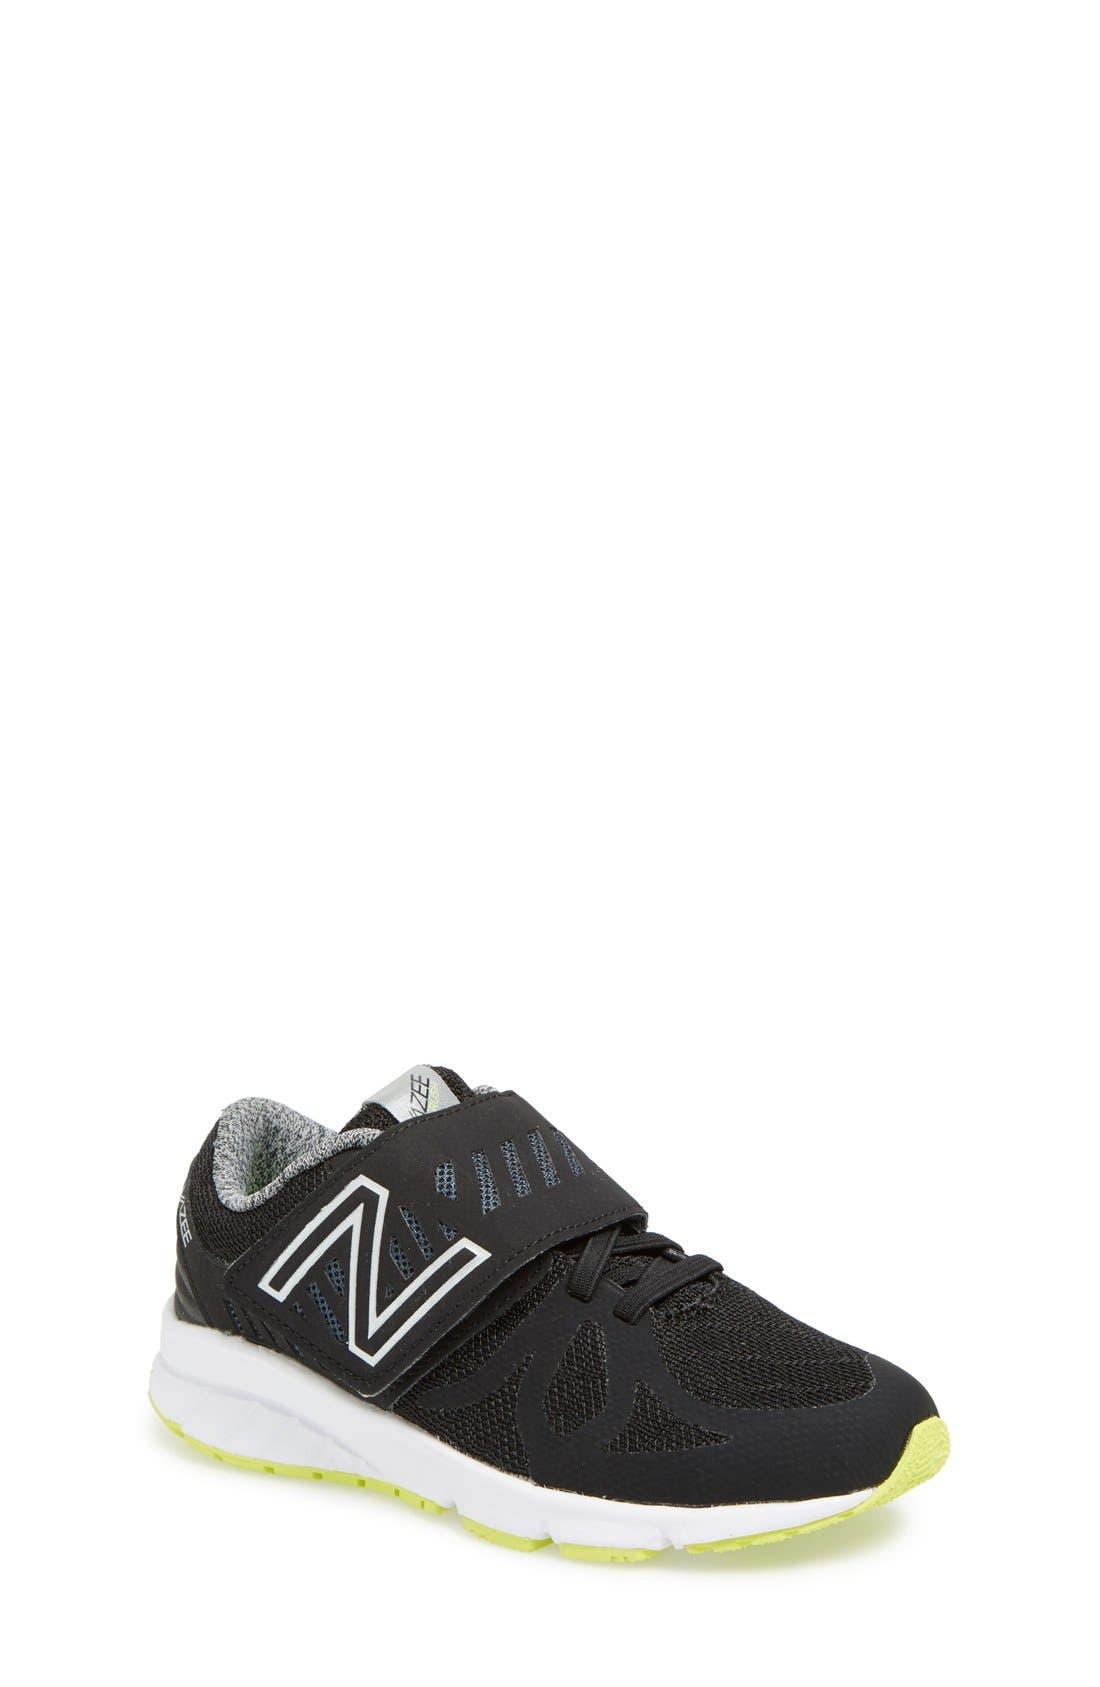 NEW BALANCE 'Vazee Rush 200' Athletic Shoe